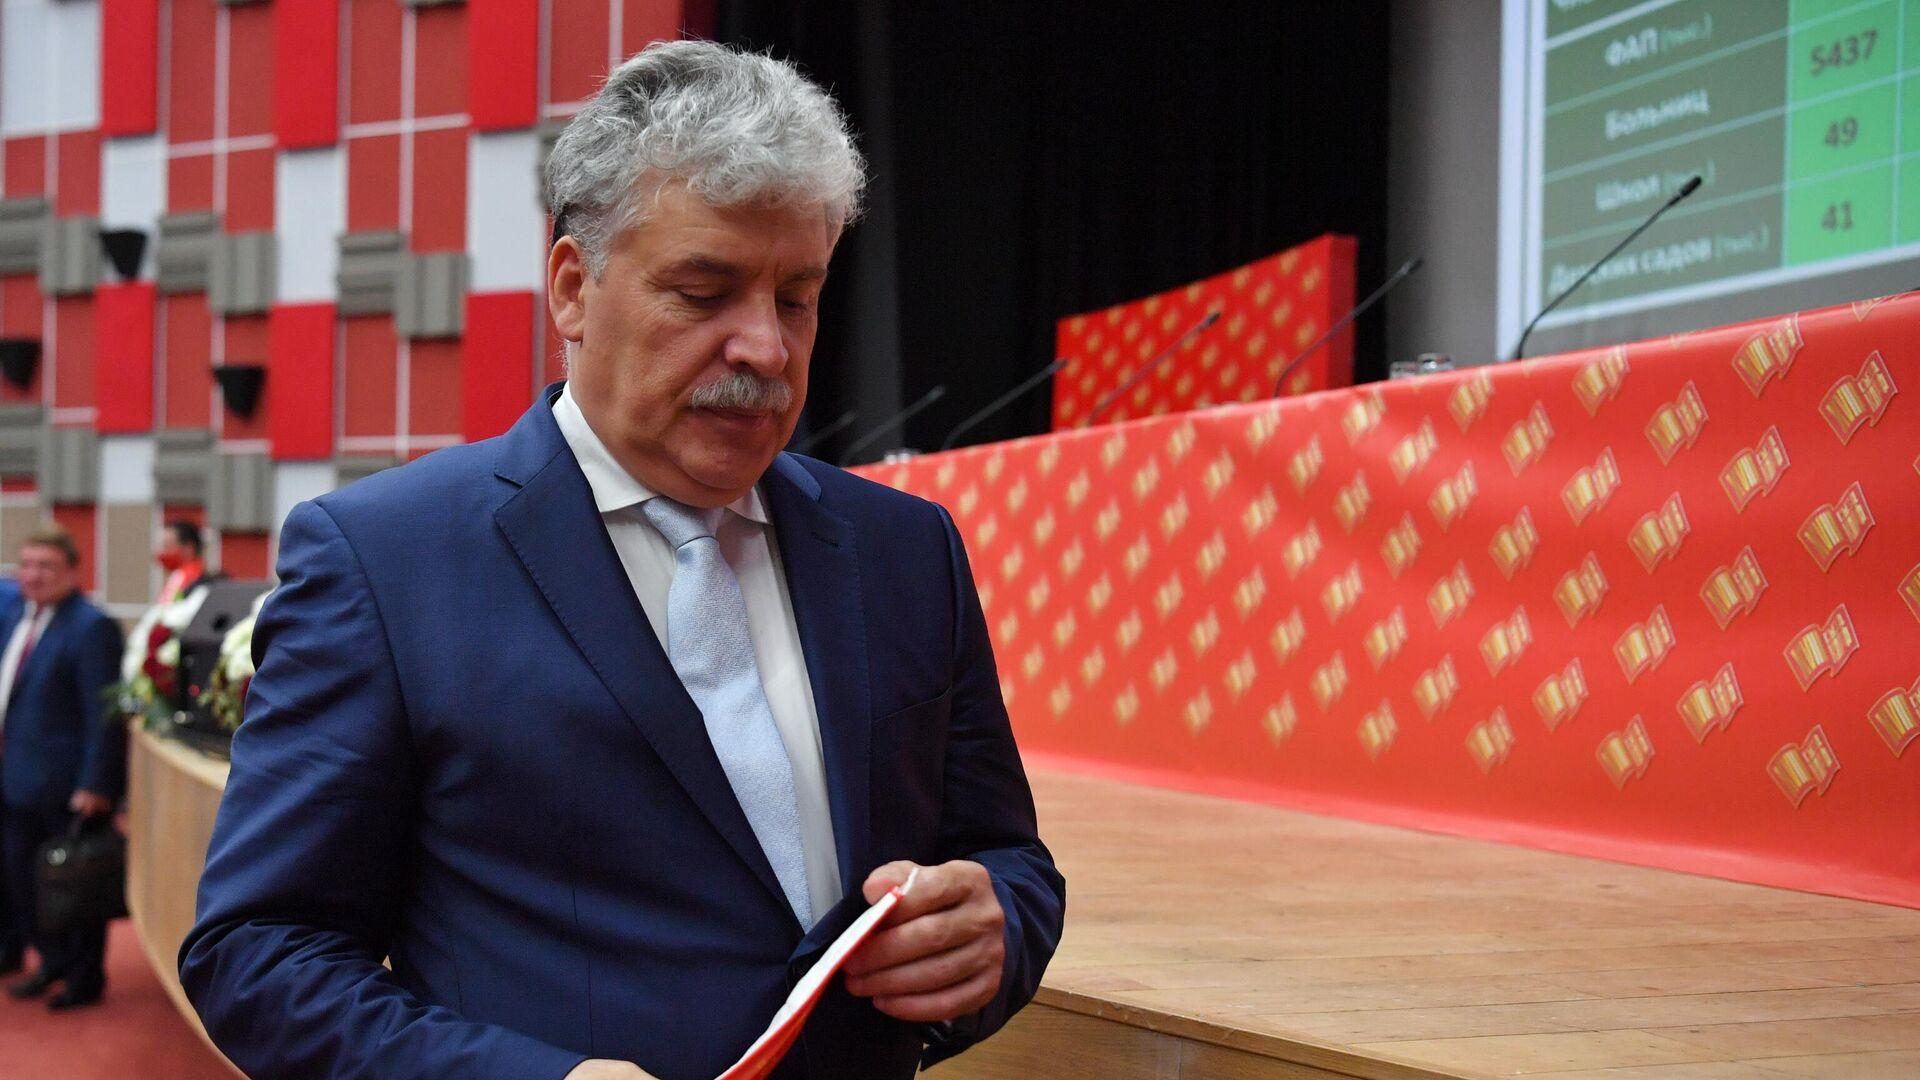 Секретаря ОНК зарегистрировали кандидатом на выборы в Госдуму